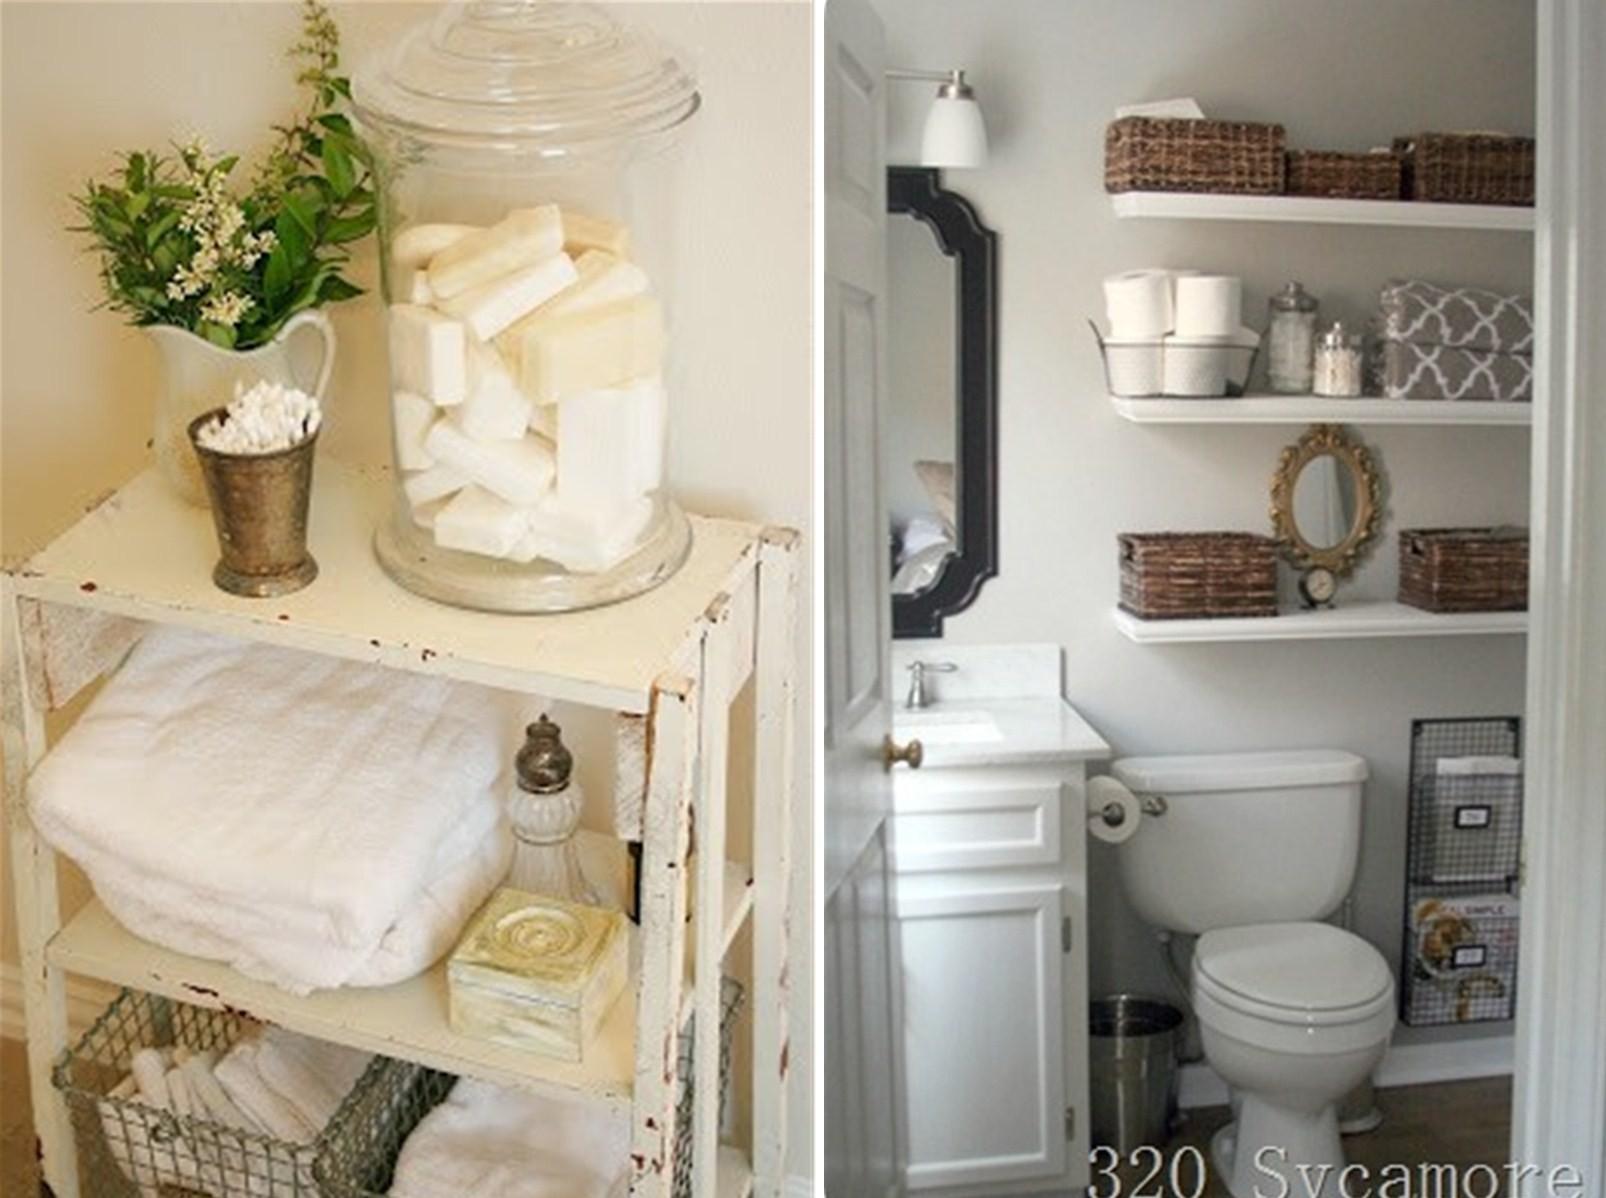 Bathroom Ideas Pinterest Stunning Bathroom Half Bath Decorating Ideas Design Ideas and Decor and as Concept